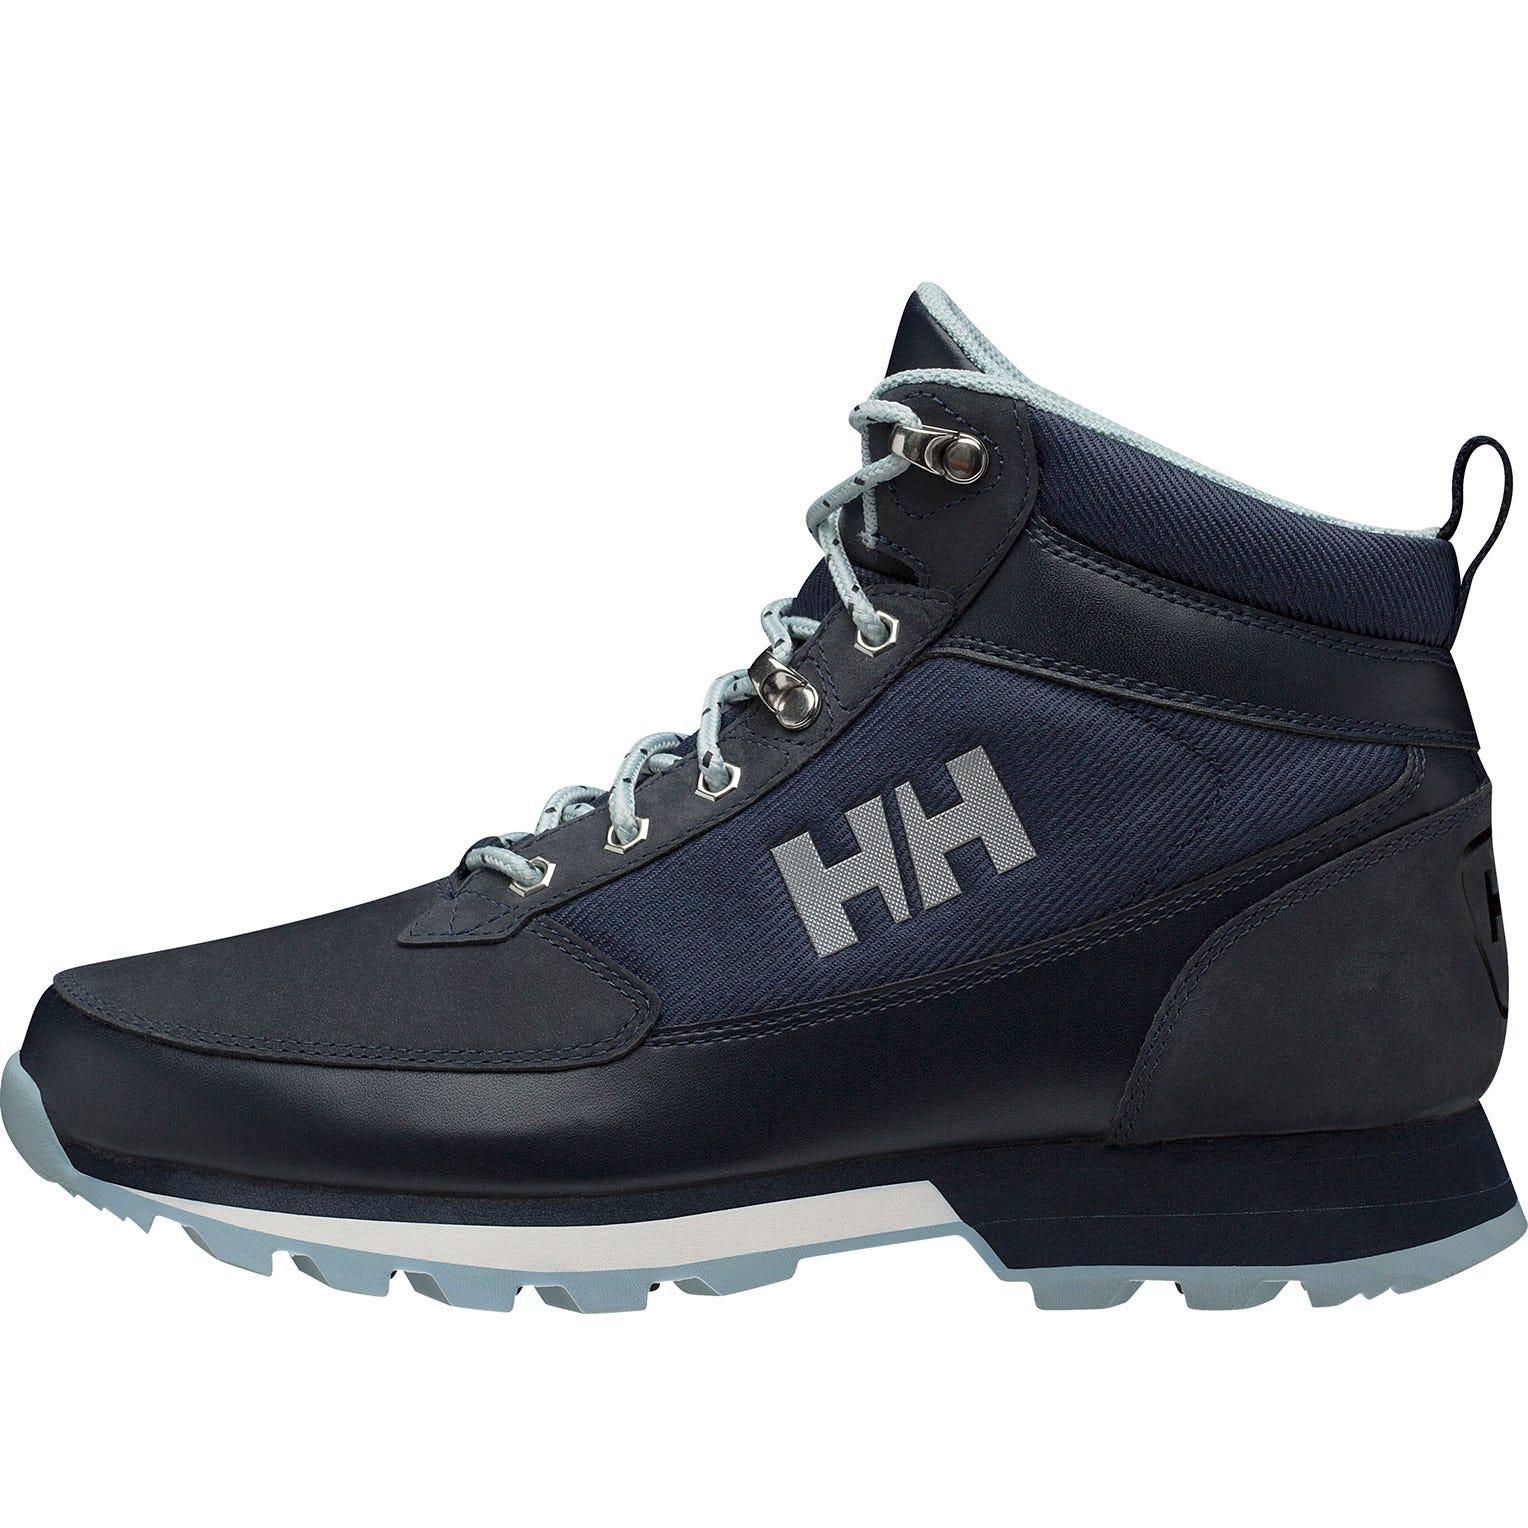 Helly Hansen W Chilcotin Womens Winter Boot Yellow 38/7